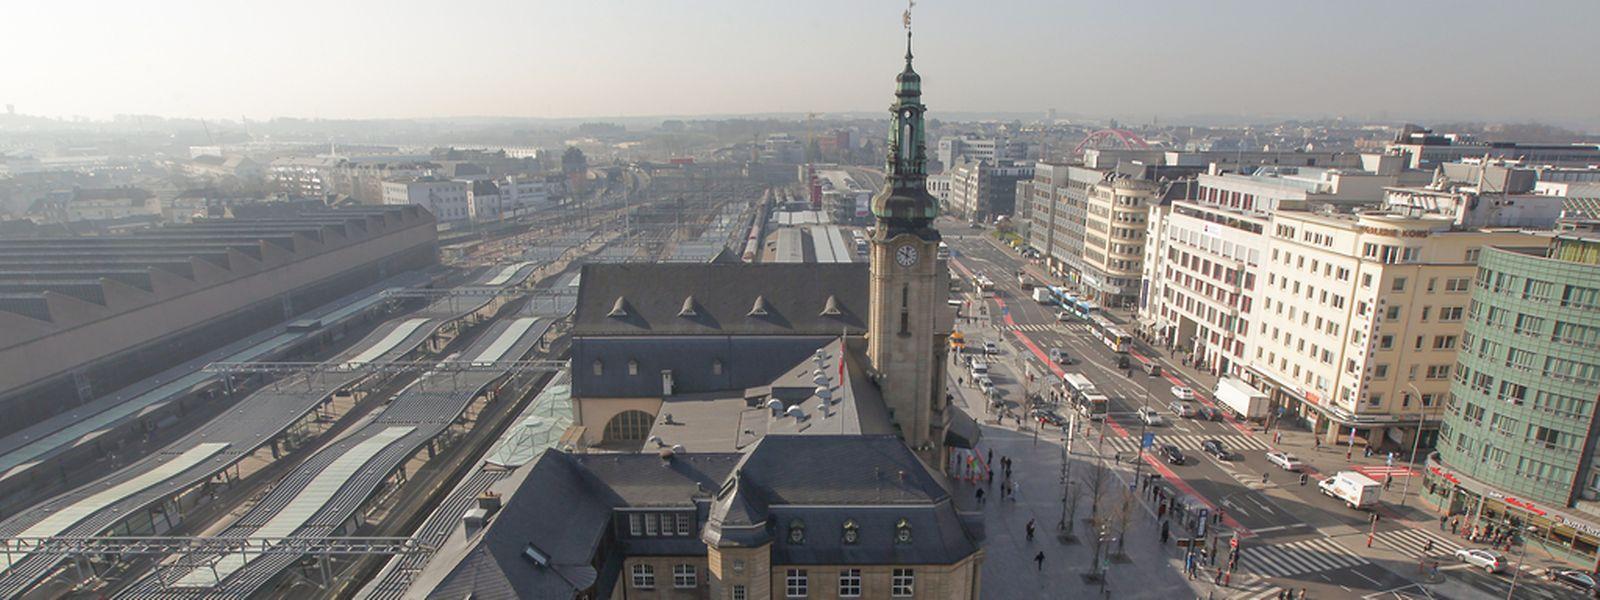 Luxemburg wird künftig keinen Fernverkehr-Anschluss mehr an Deutschland haben. Regionalzüge werden die ICs ersetzen.